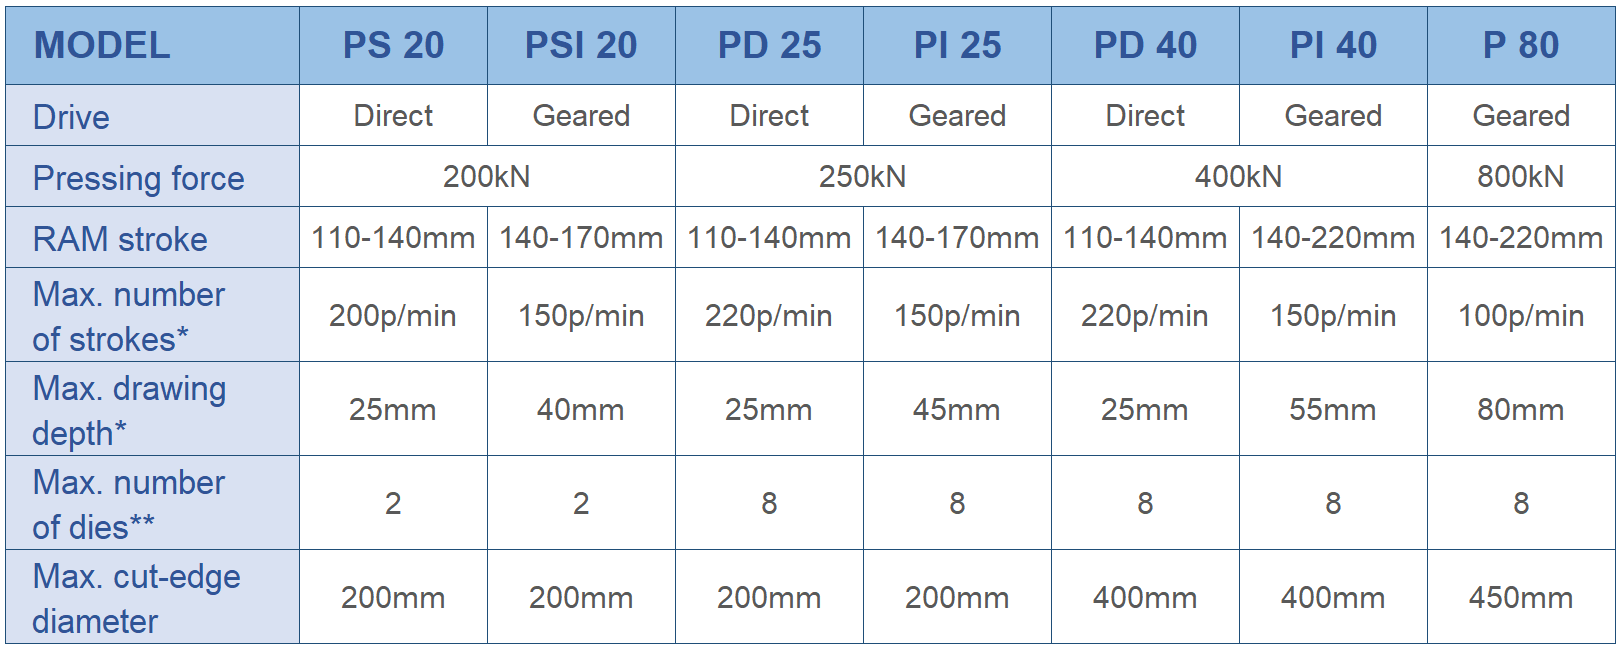 Tabla de características de las prensas de hoja entera